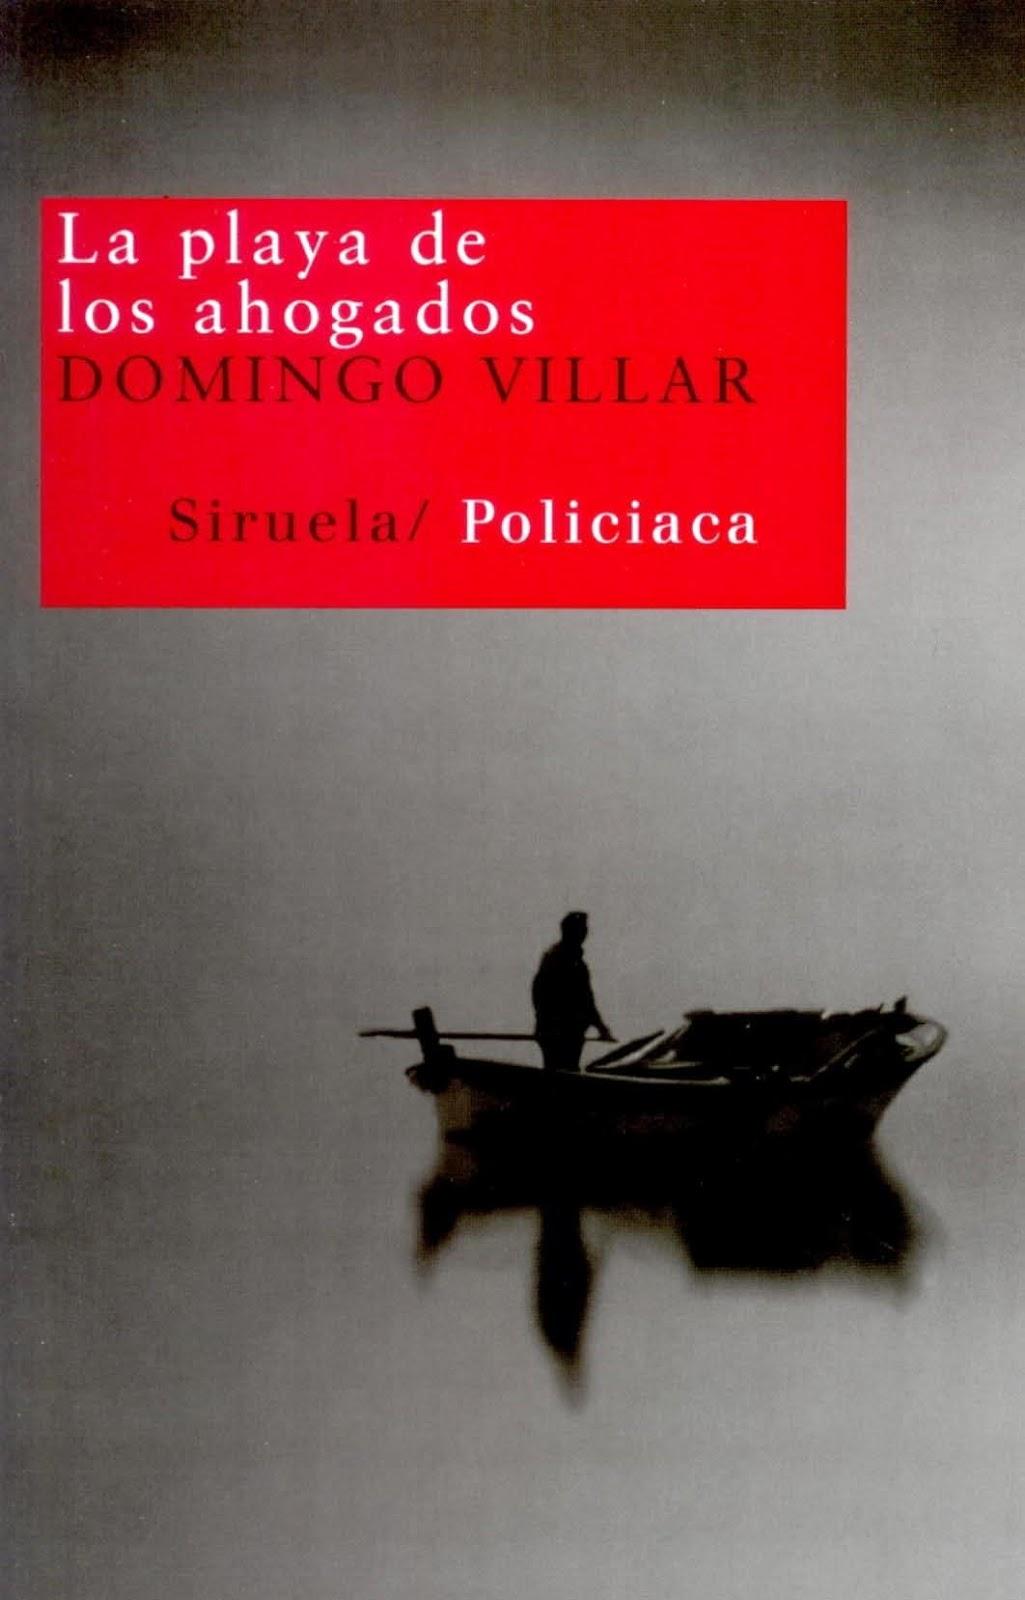 https://laantiguabiblos.blogspot.com.es/2013/05/la-playa-de-los-ahogados-domingo-villar.html